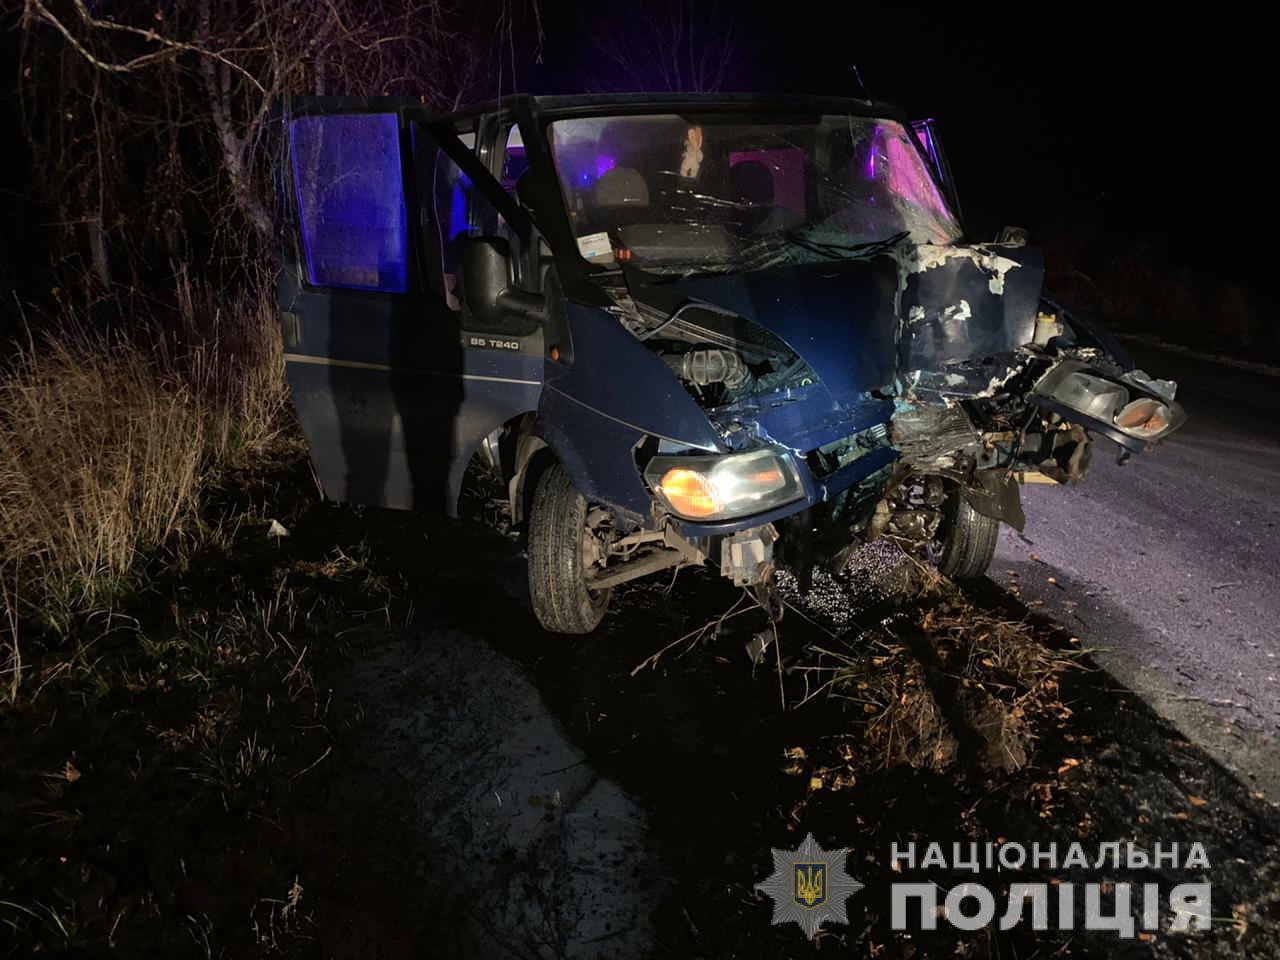 Білоцерківщина: водій легковика напідпитку зіткнувся з електровозом - зіткнення, електрички, алкогольне сп'яніння - avaryya 3